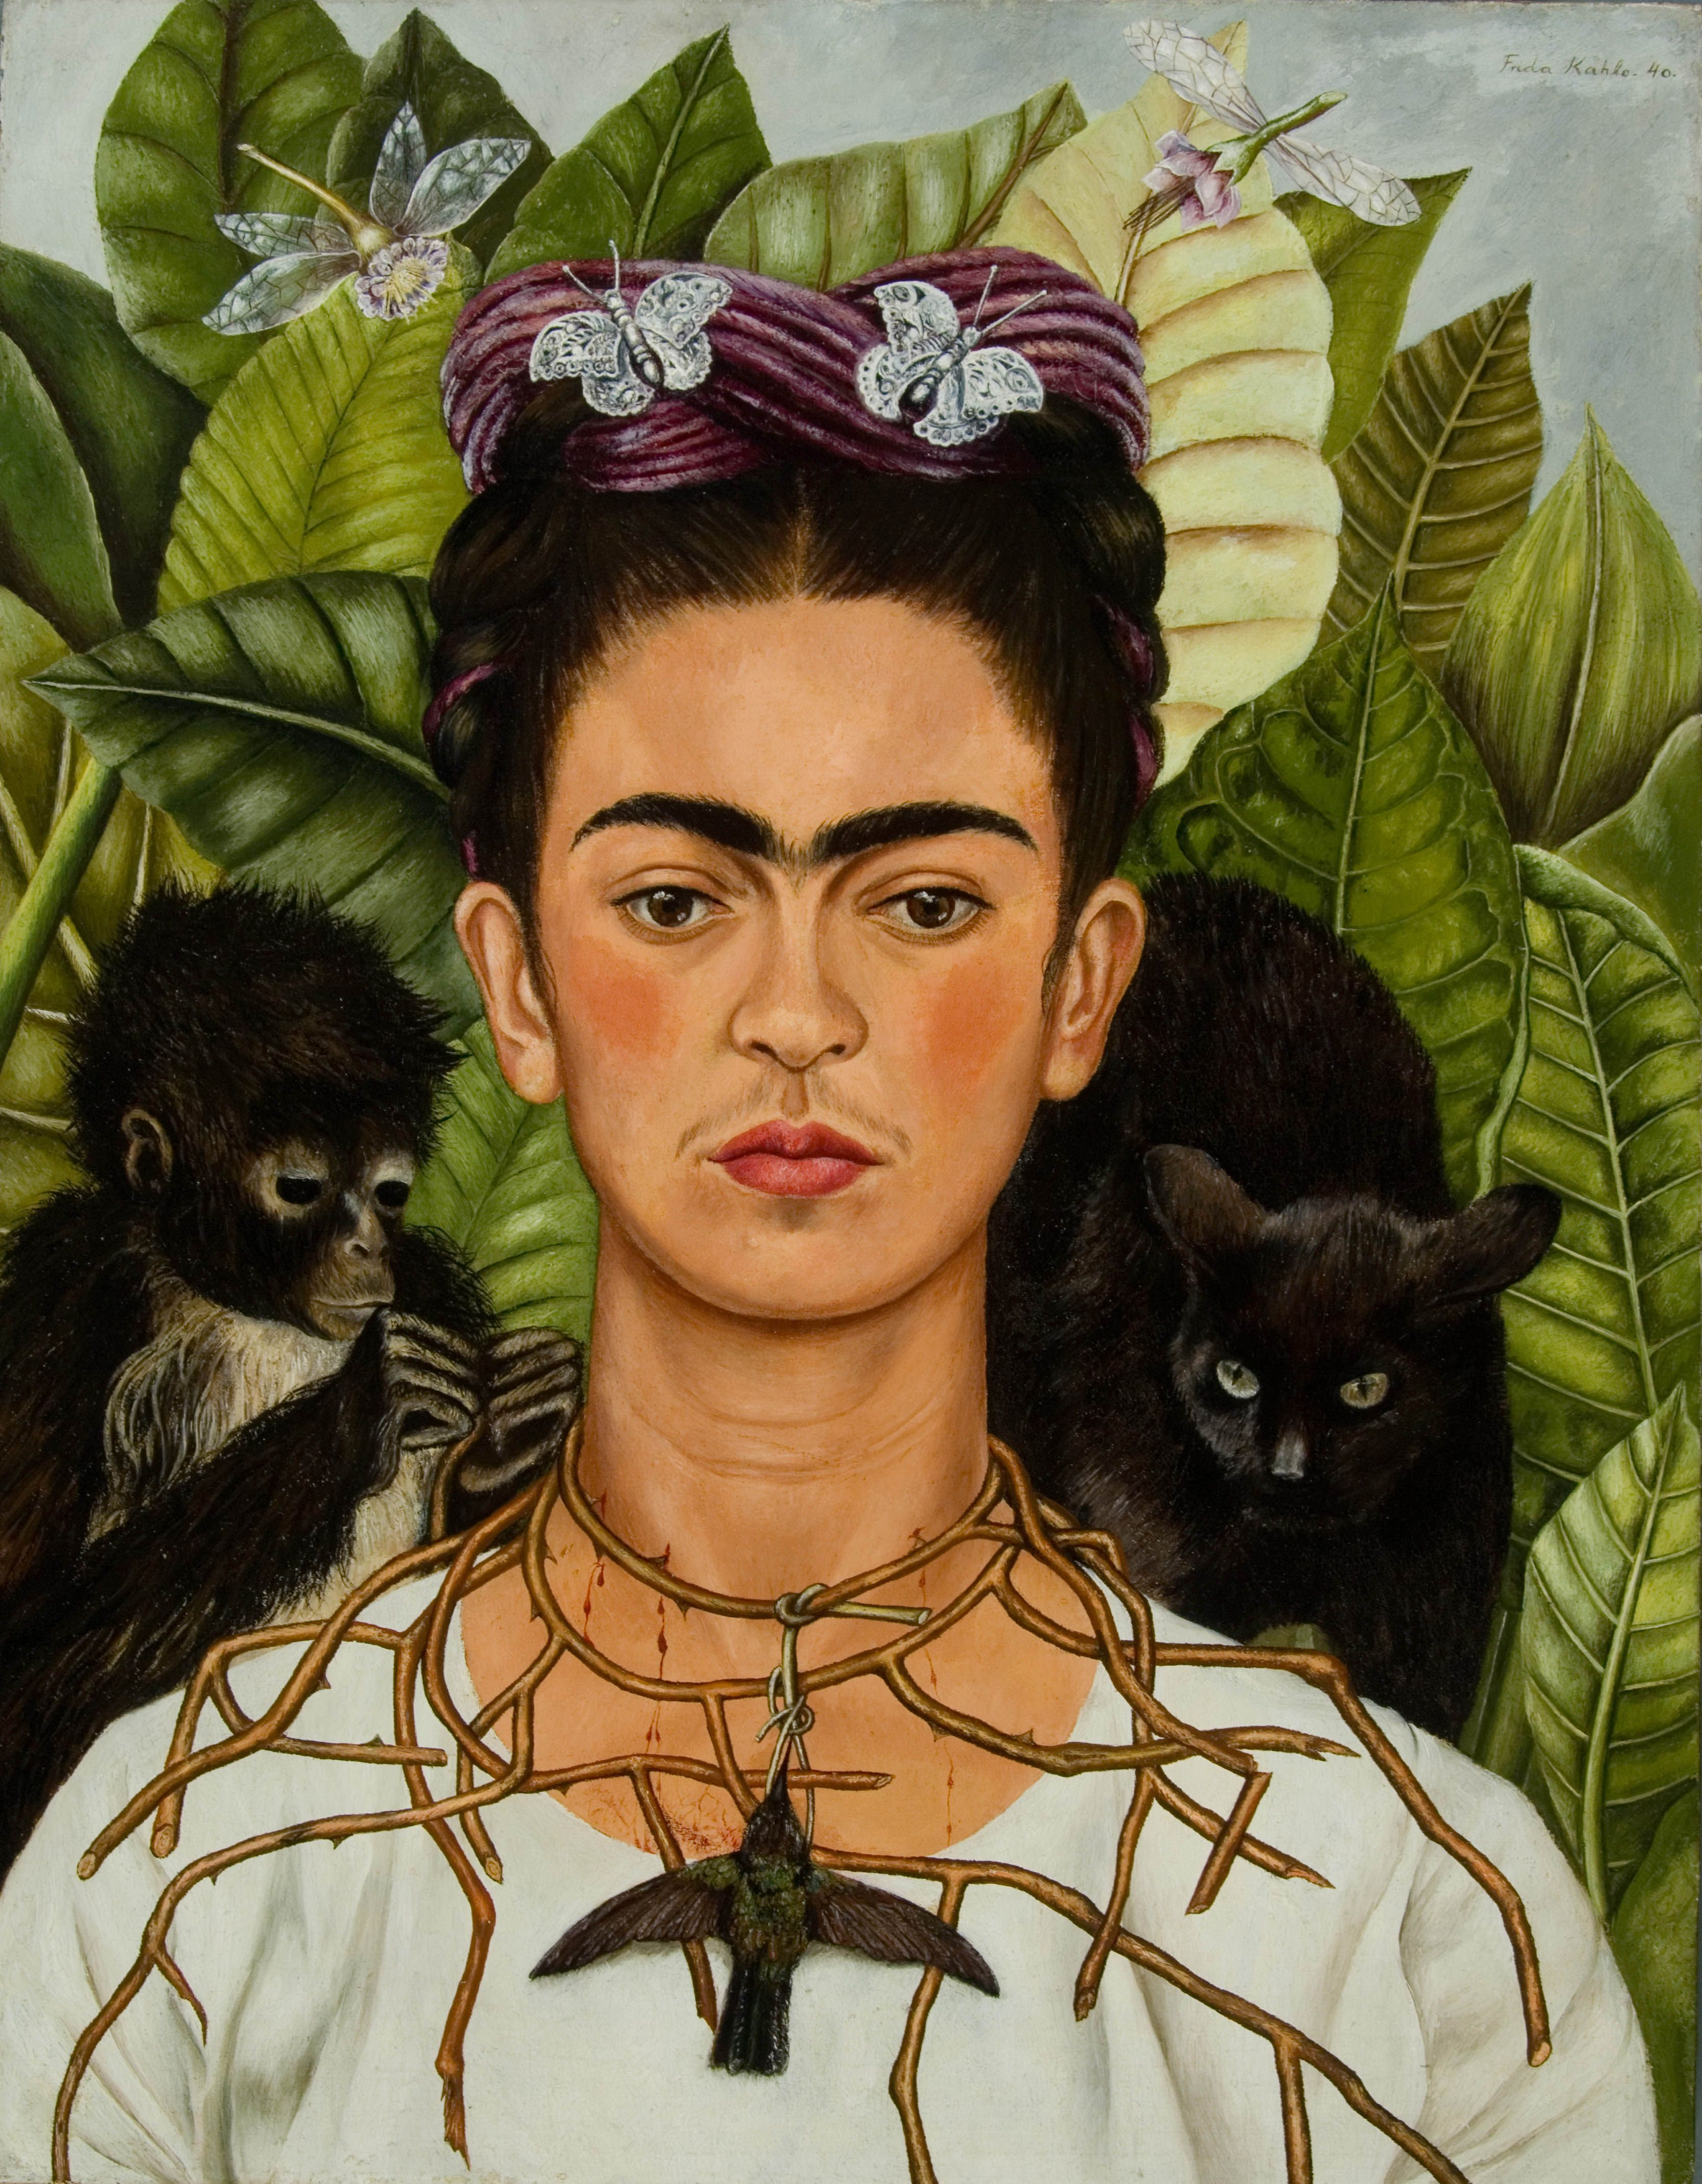 Autorretrato - Frdia Kahlo. Crediti: © Banco de México Diego Rivera Frida Kahlo Museums Trust, México, D.F. by SIAE 2017